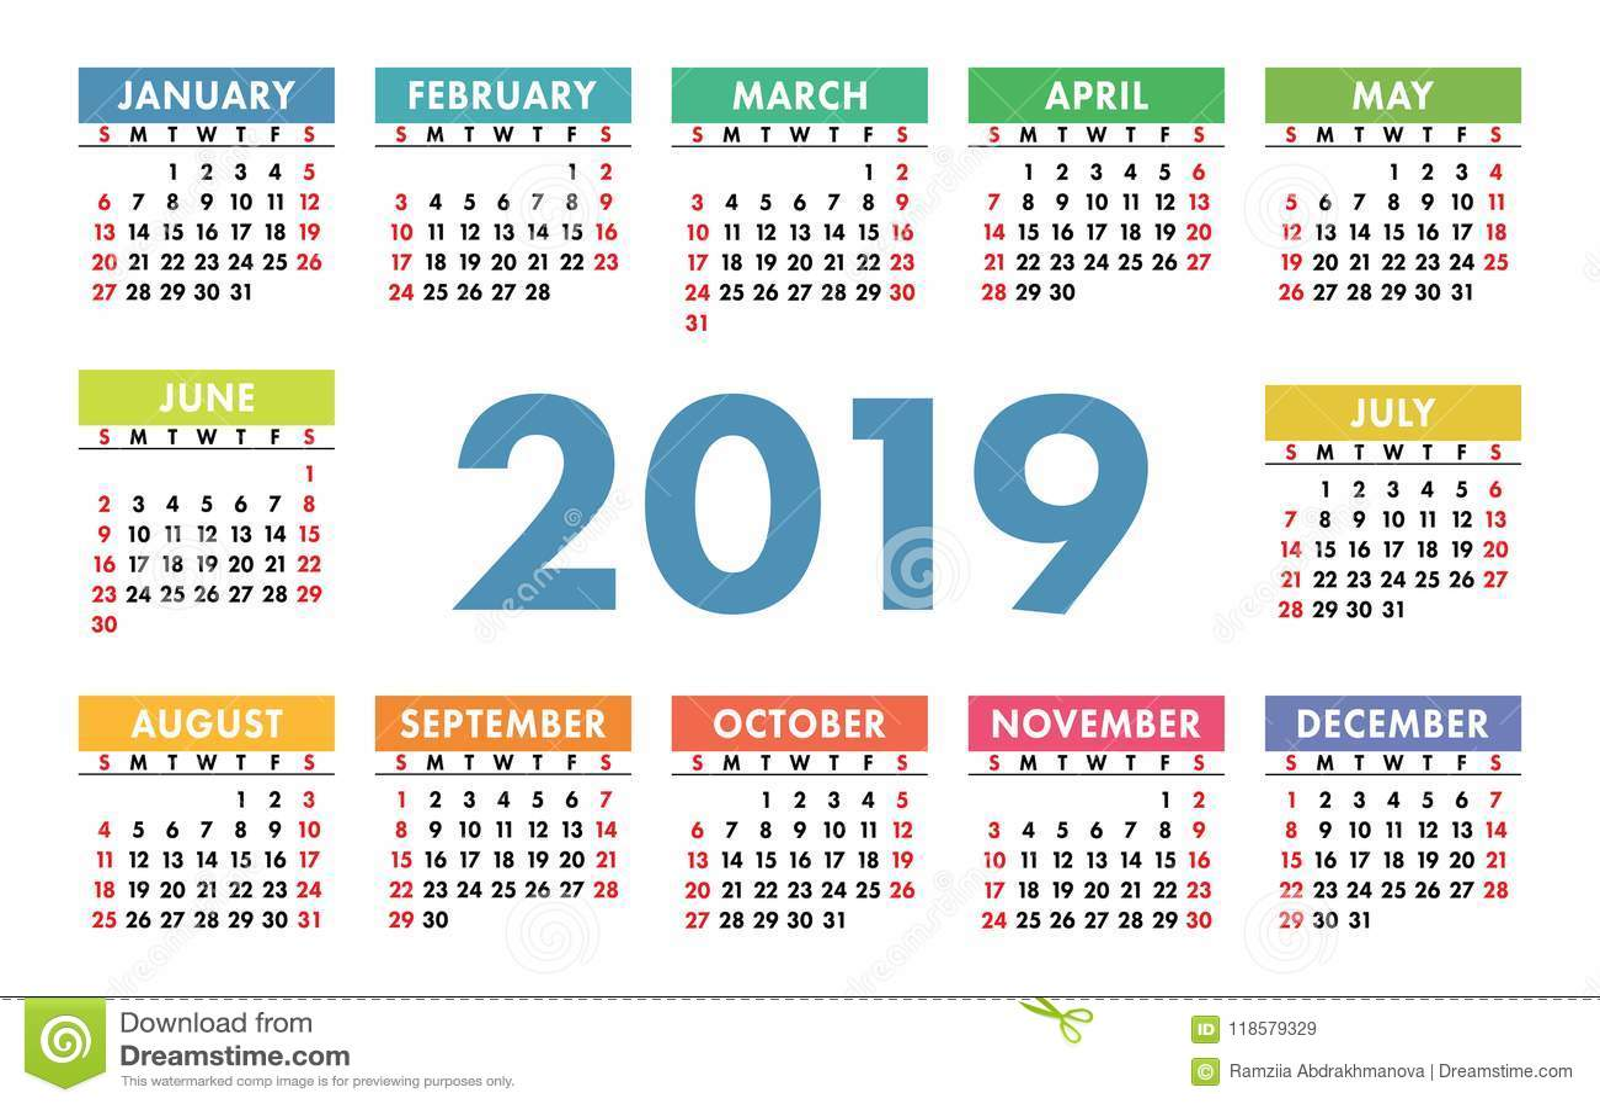 Calendario F.Calendario En Ingles Ugyud Kaptanband Co